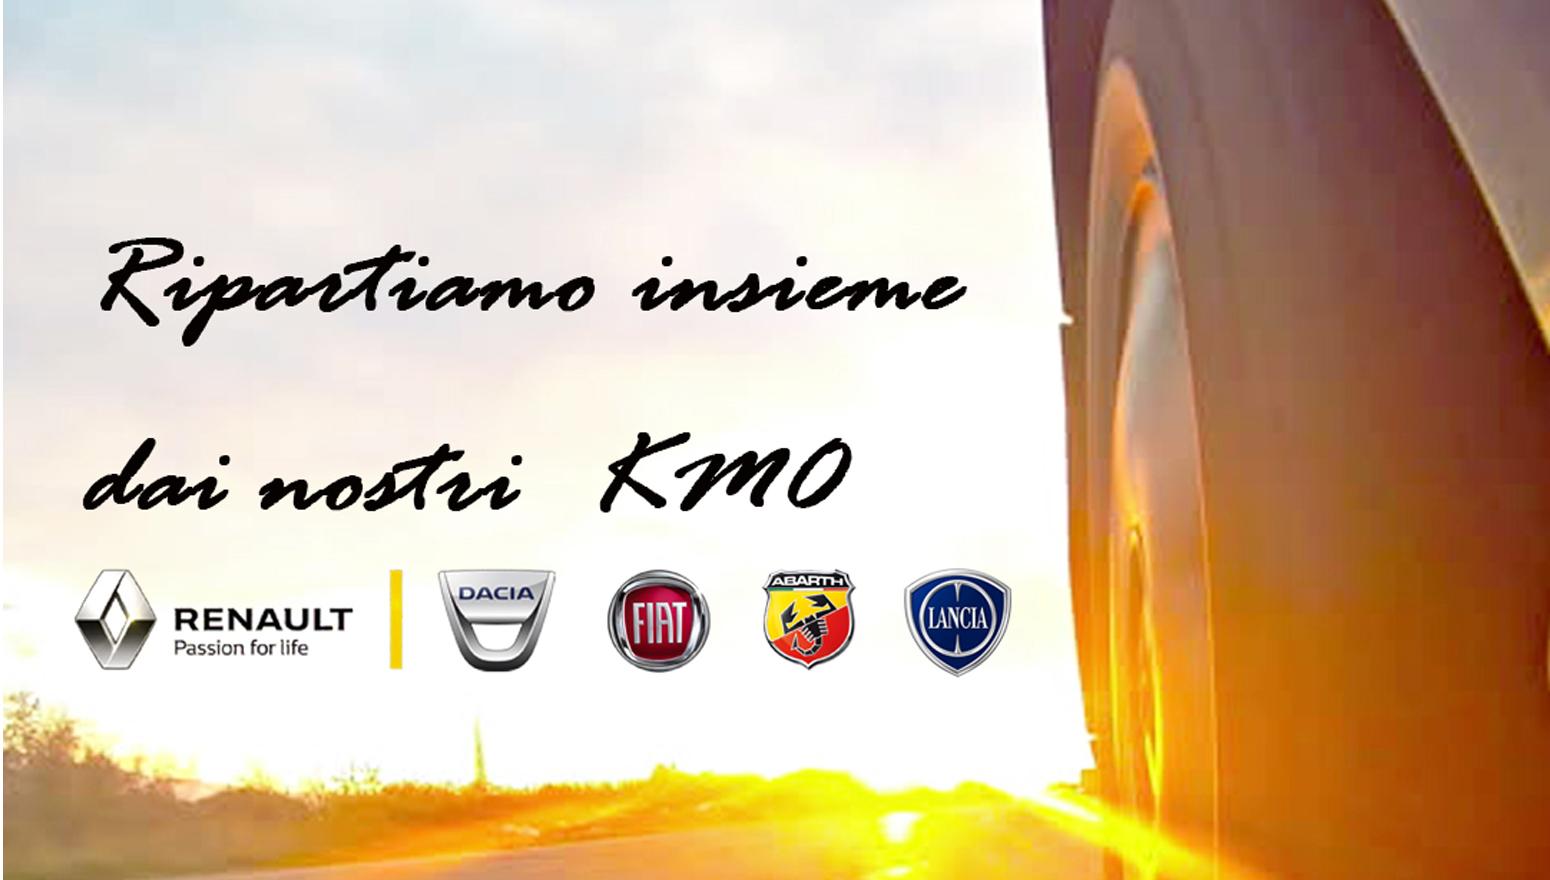 immagine-sito-tmc-1